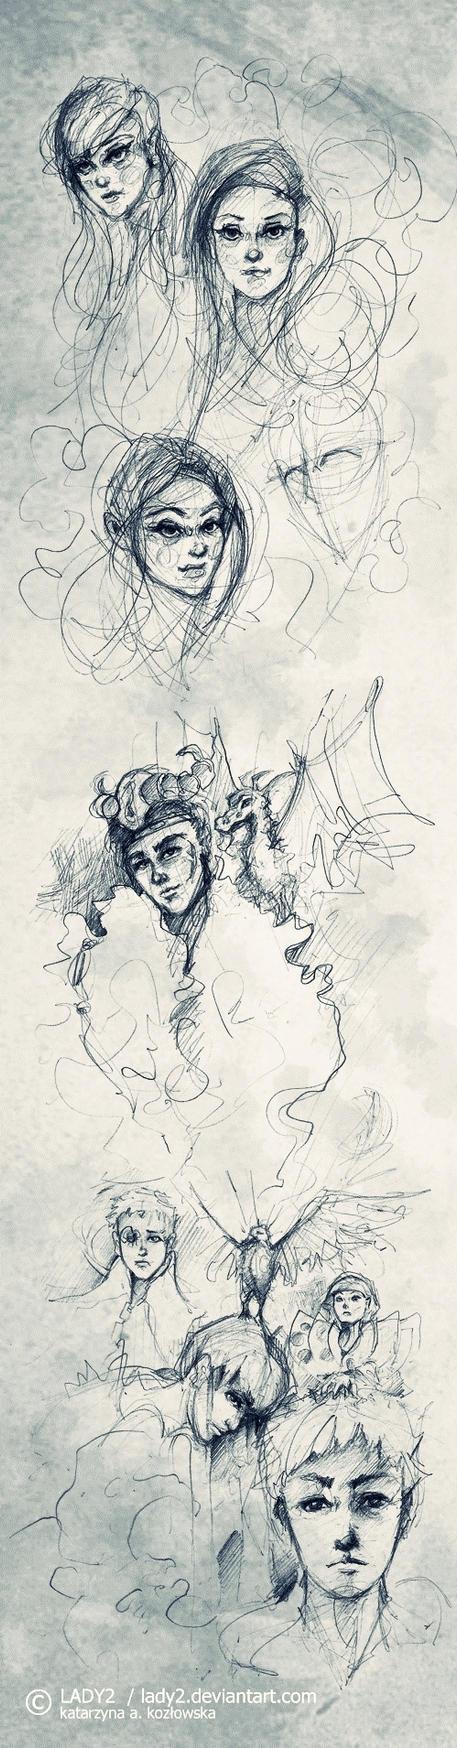 sketch_dump. by Lady2